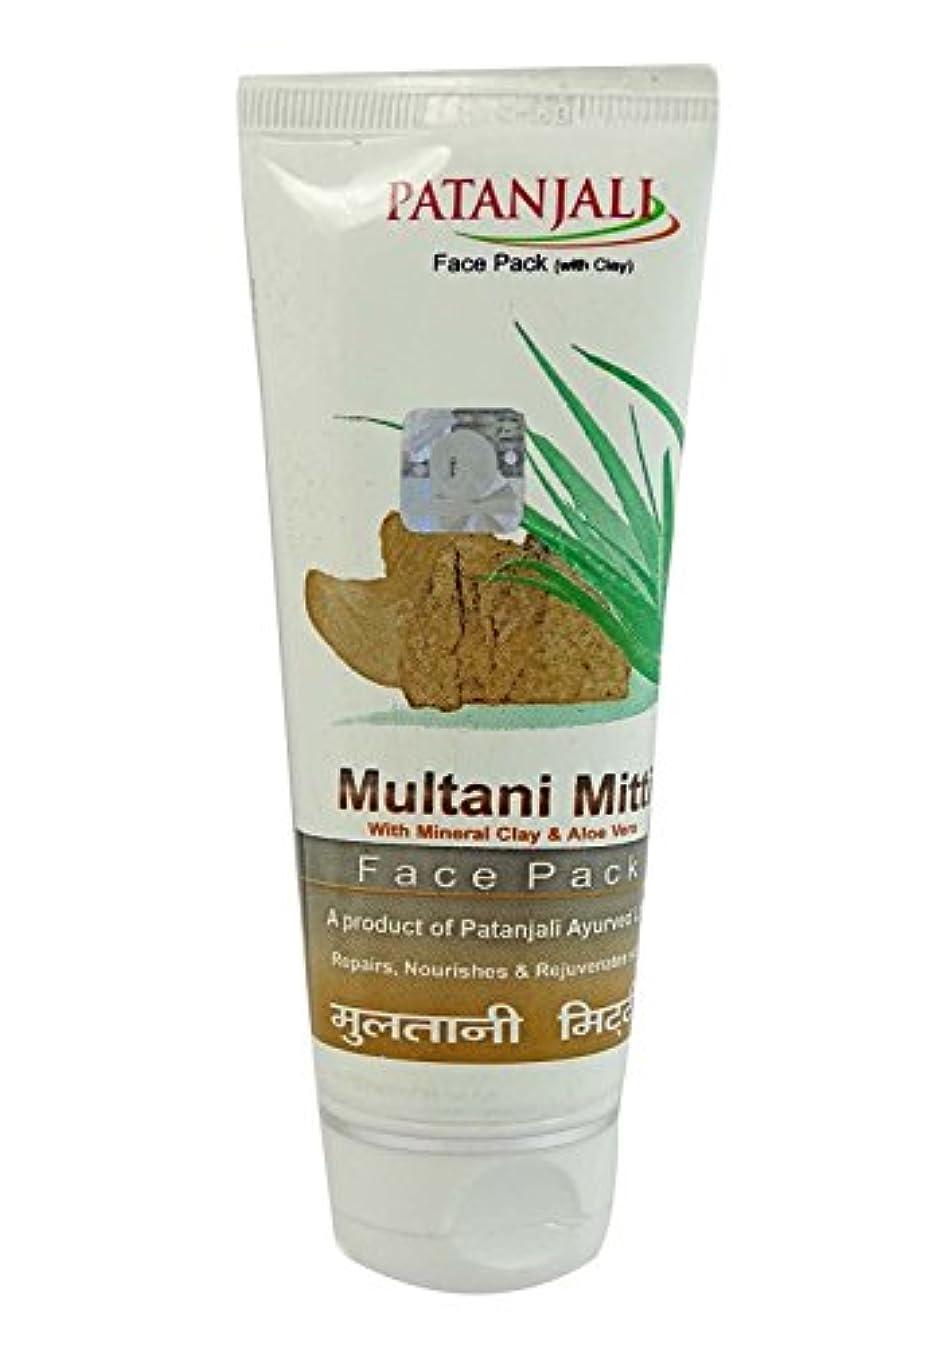 小包再編成する金曜日ムルタニミッティ フェイスパック 60g Multani Mitti Face Pack